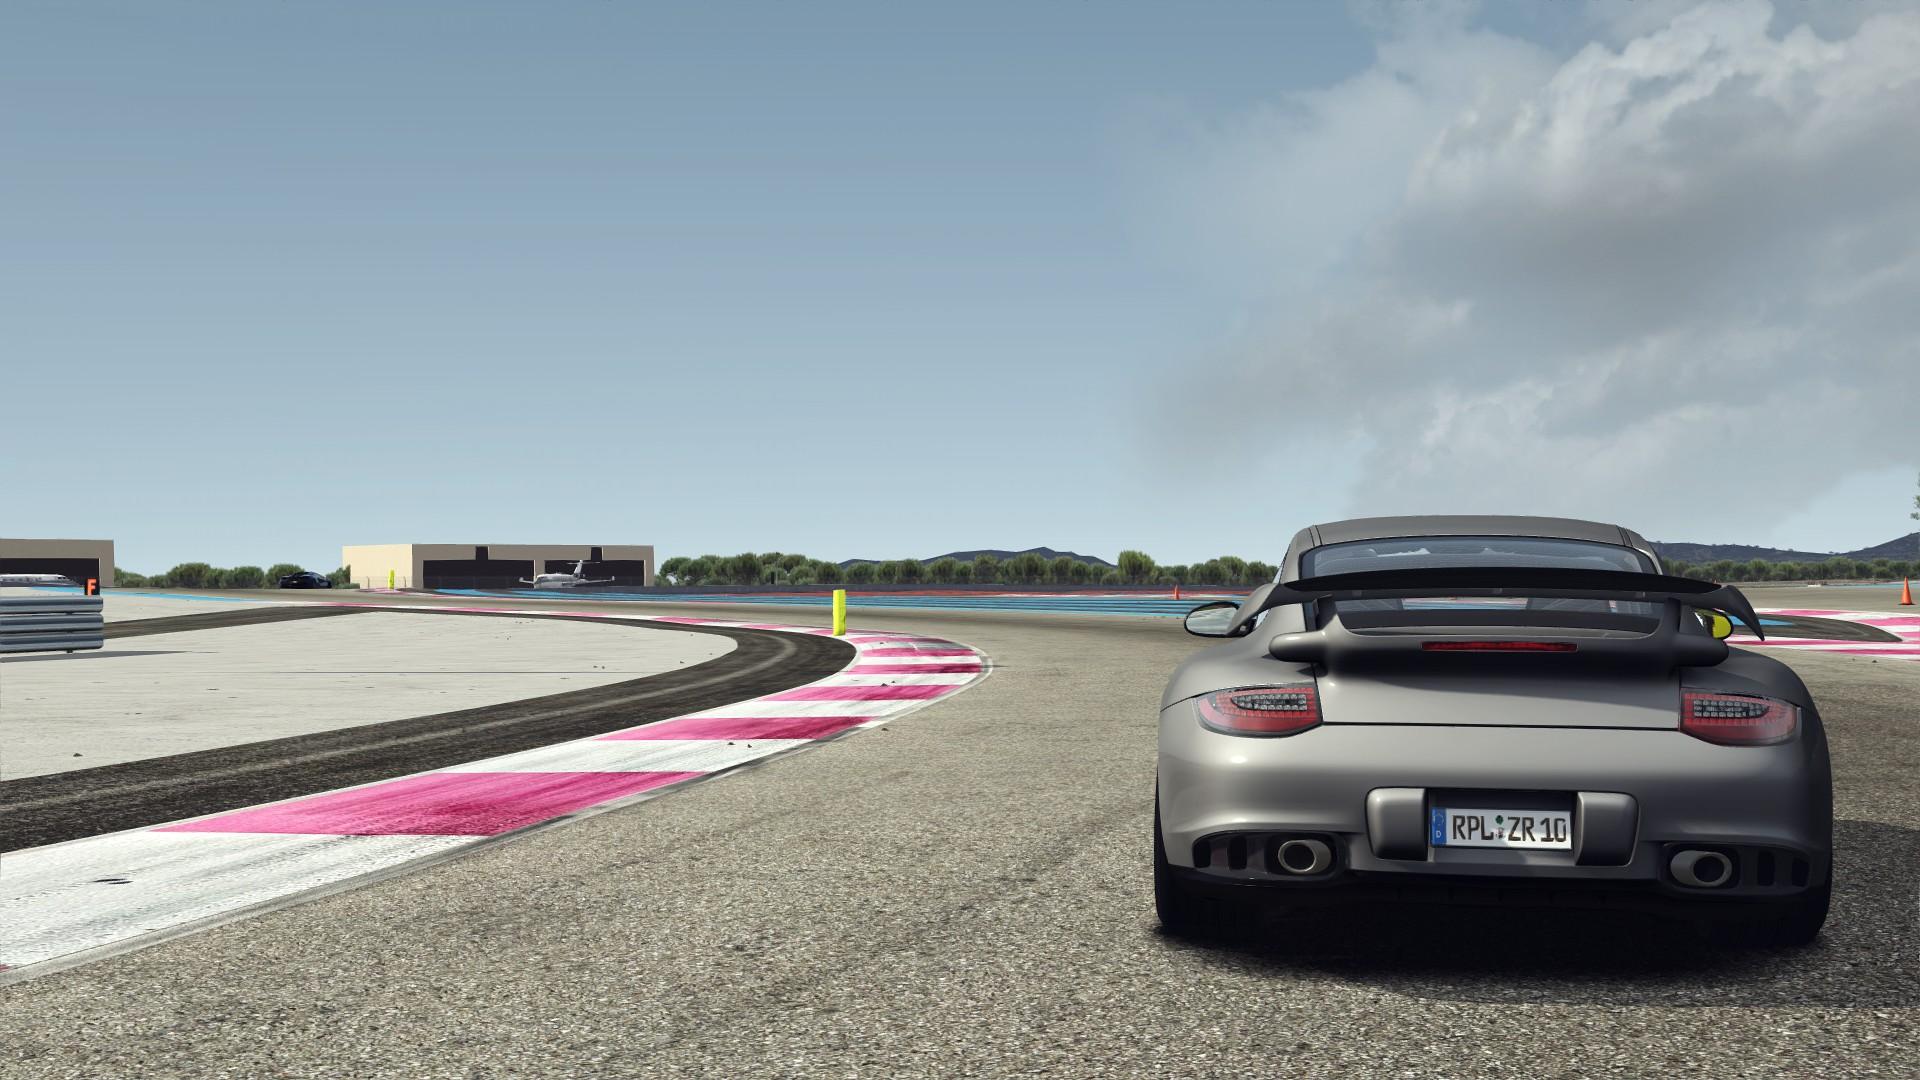 Porsche 997 GT2RS Assetto Corsa 1.14 093.jpg